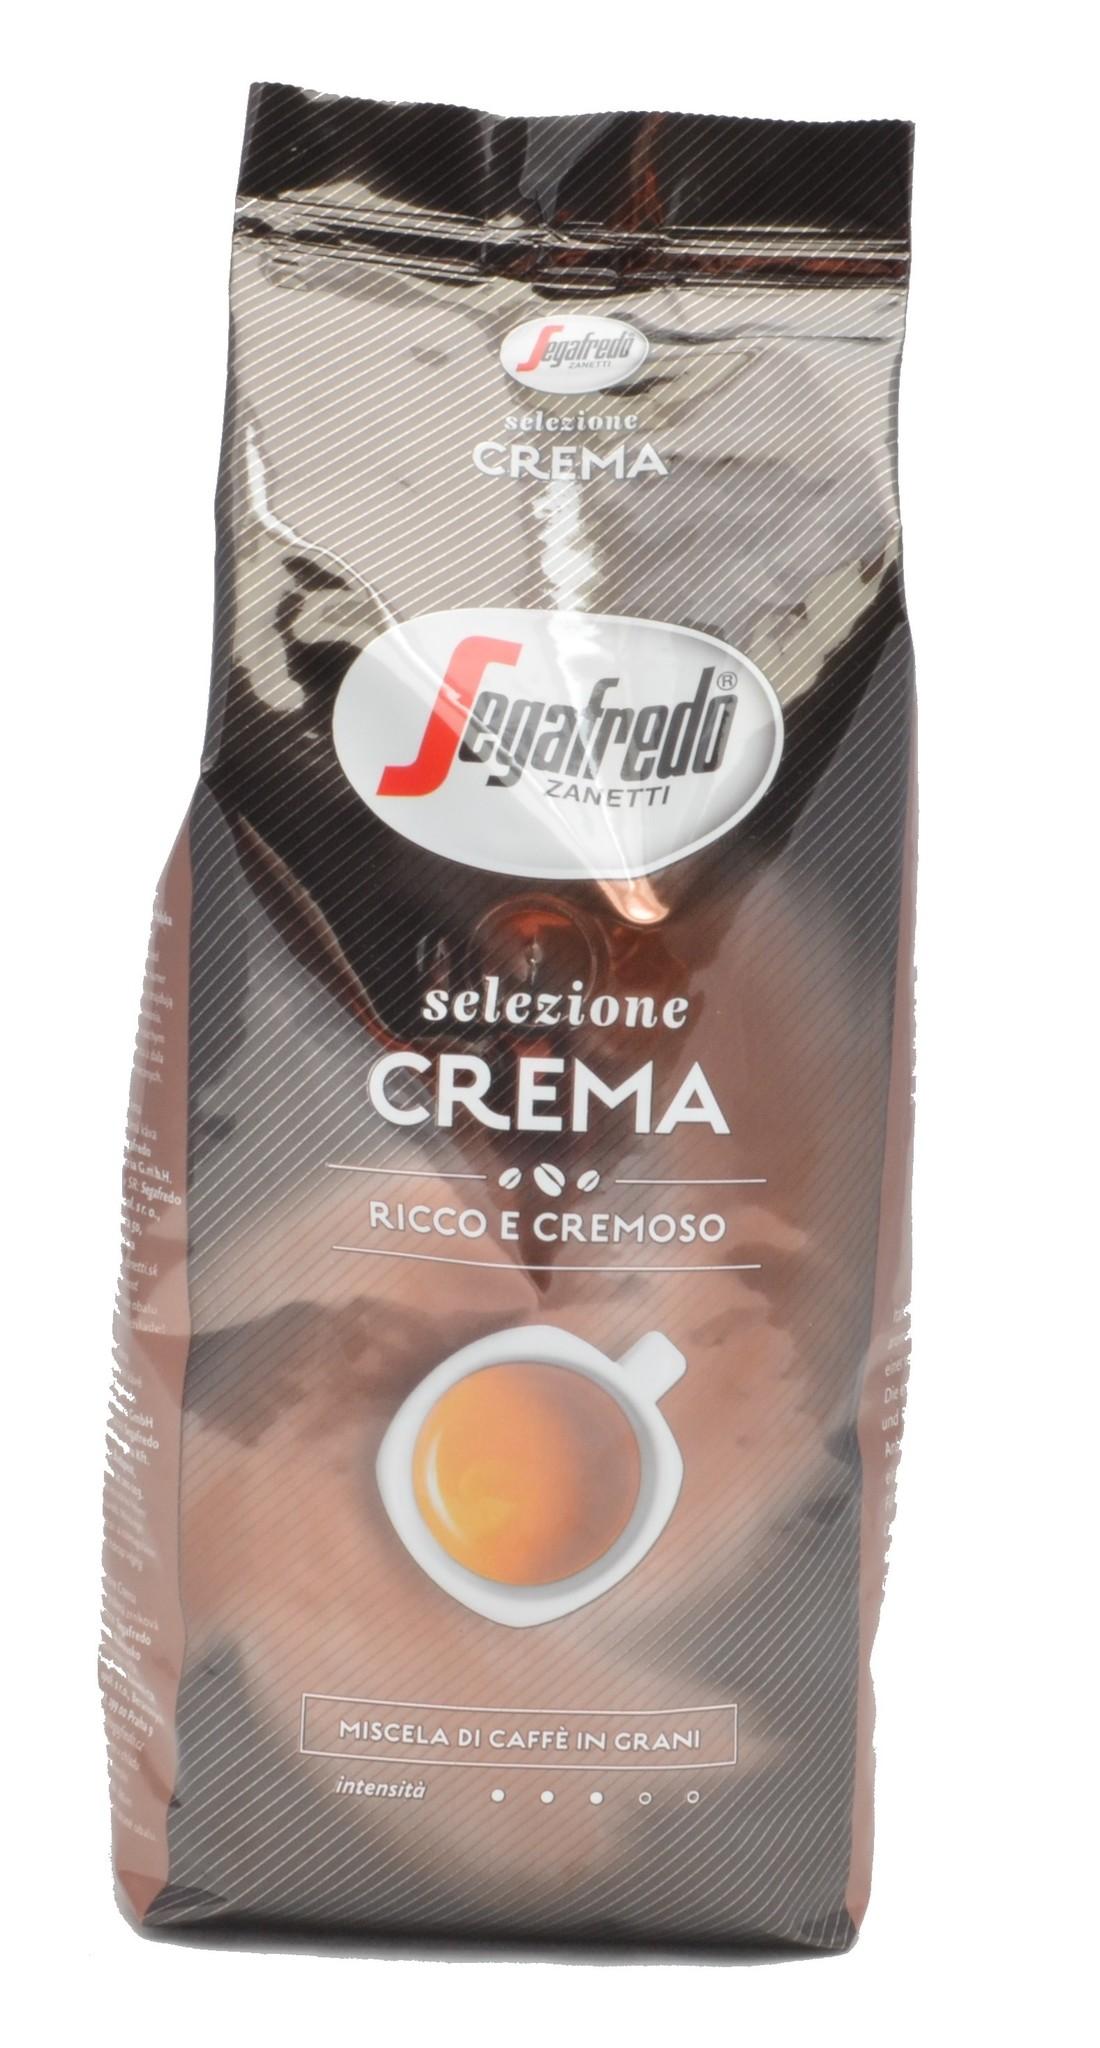 Segafredo Selezione crema bonen 1 kg. vanaf € 8.50